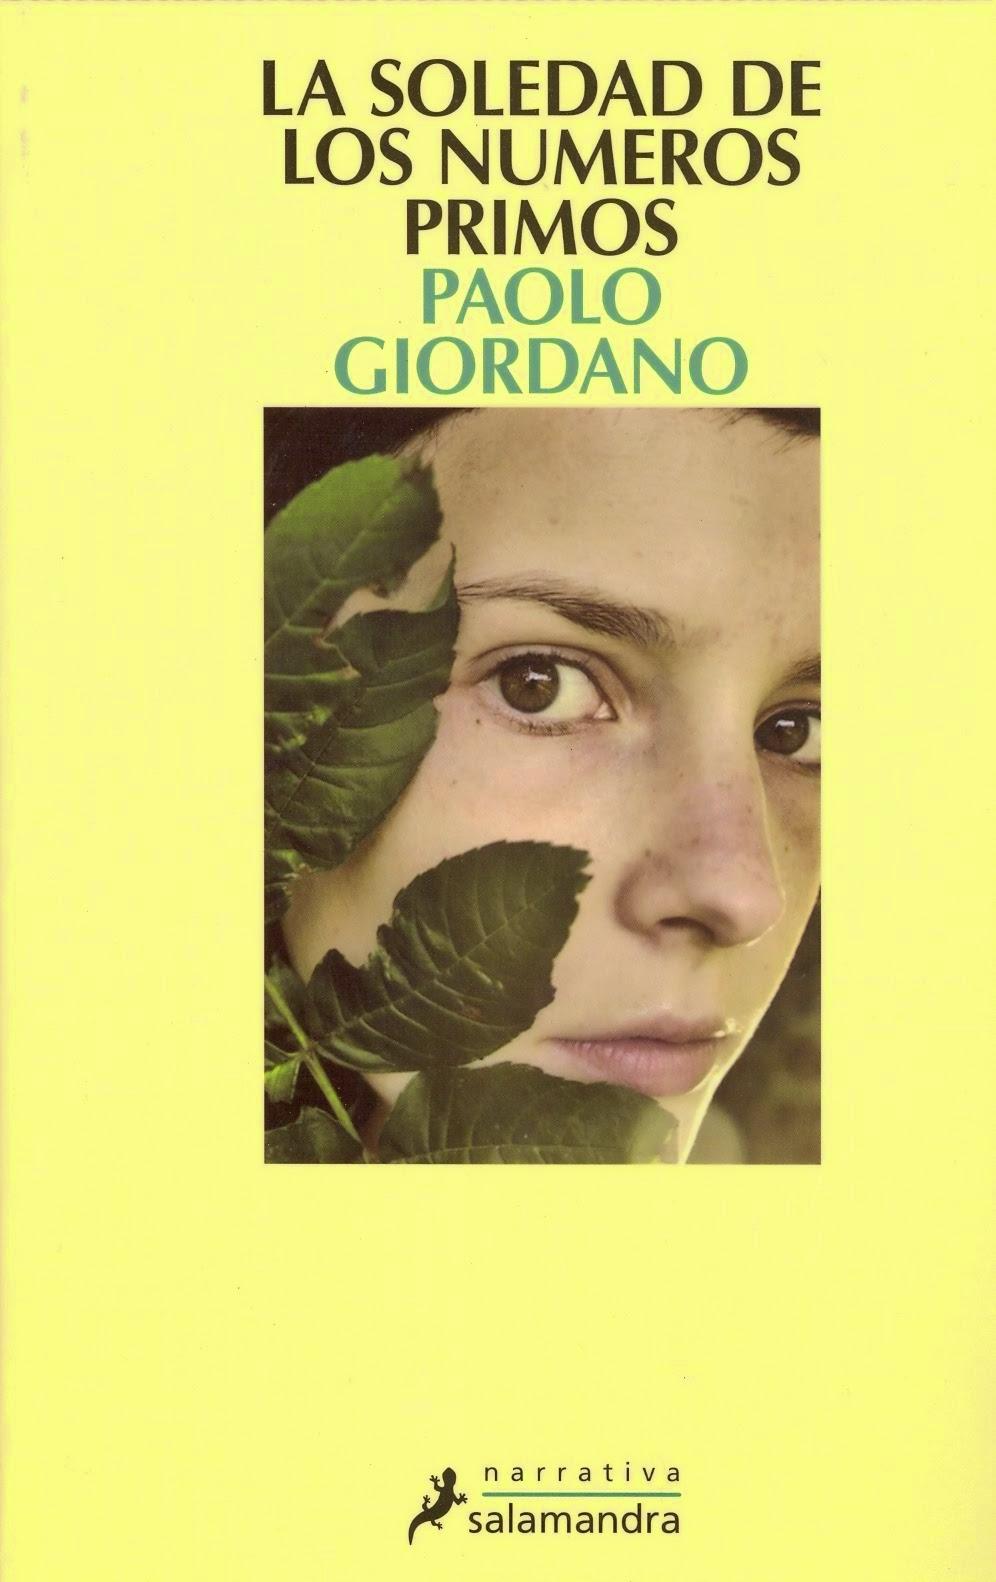 La soledad de los números primos - Libro y película